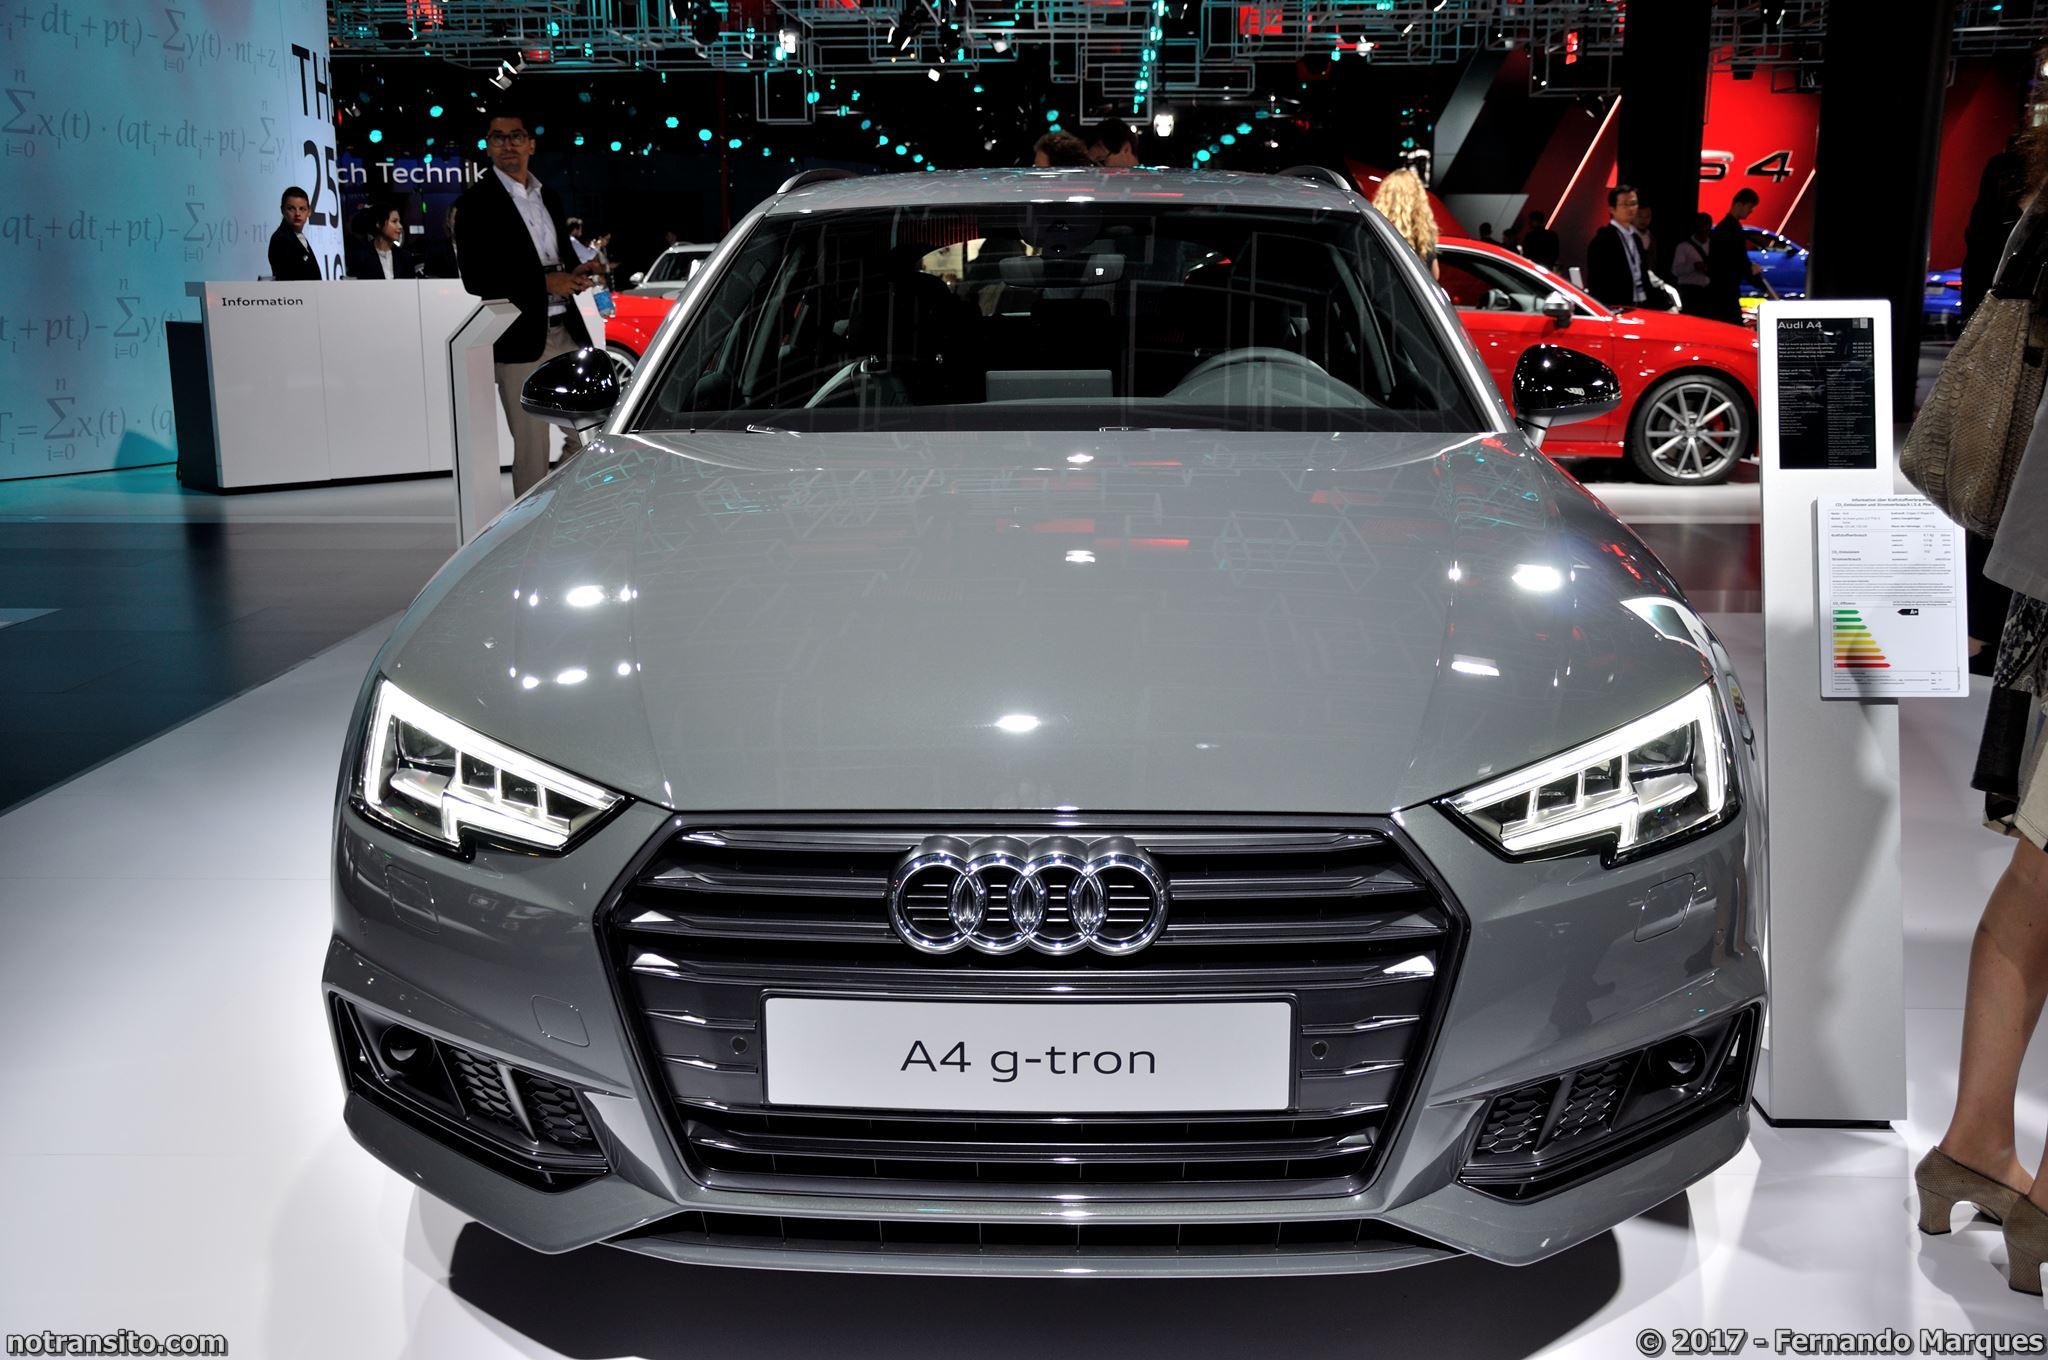 Audi-e-tron-Frankfurt-2017-004